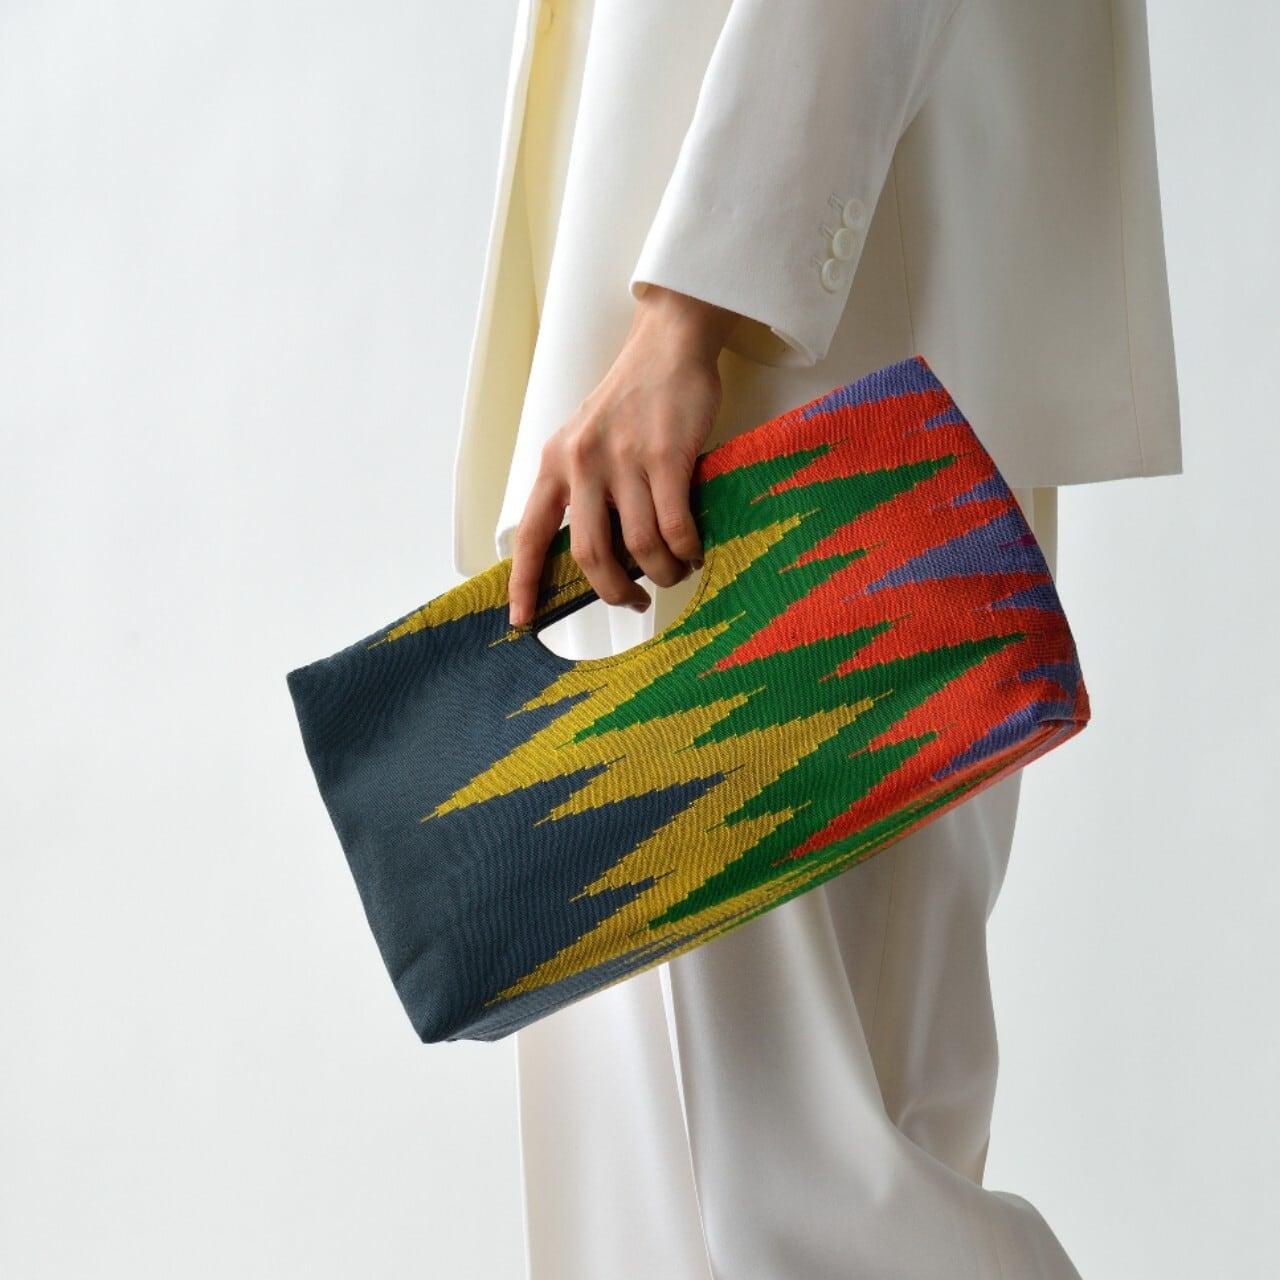 手織りペンシルバッグ グレー×カラフル(新入荷)